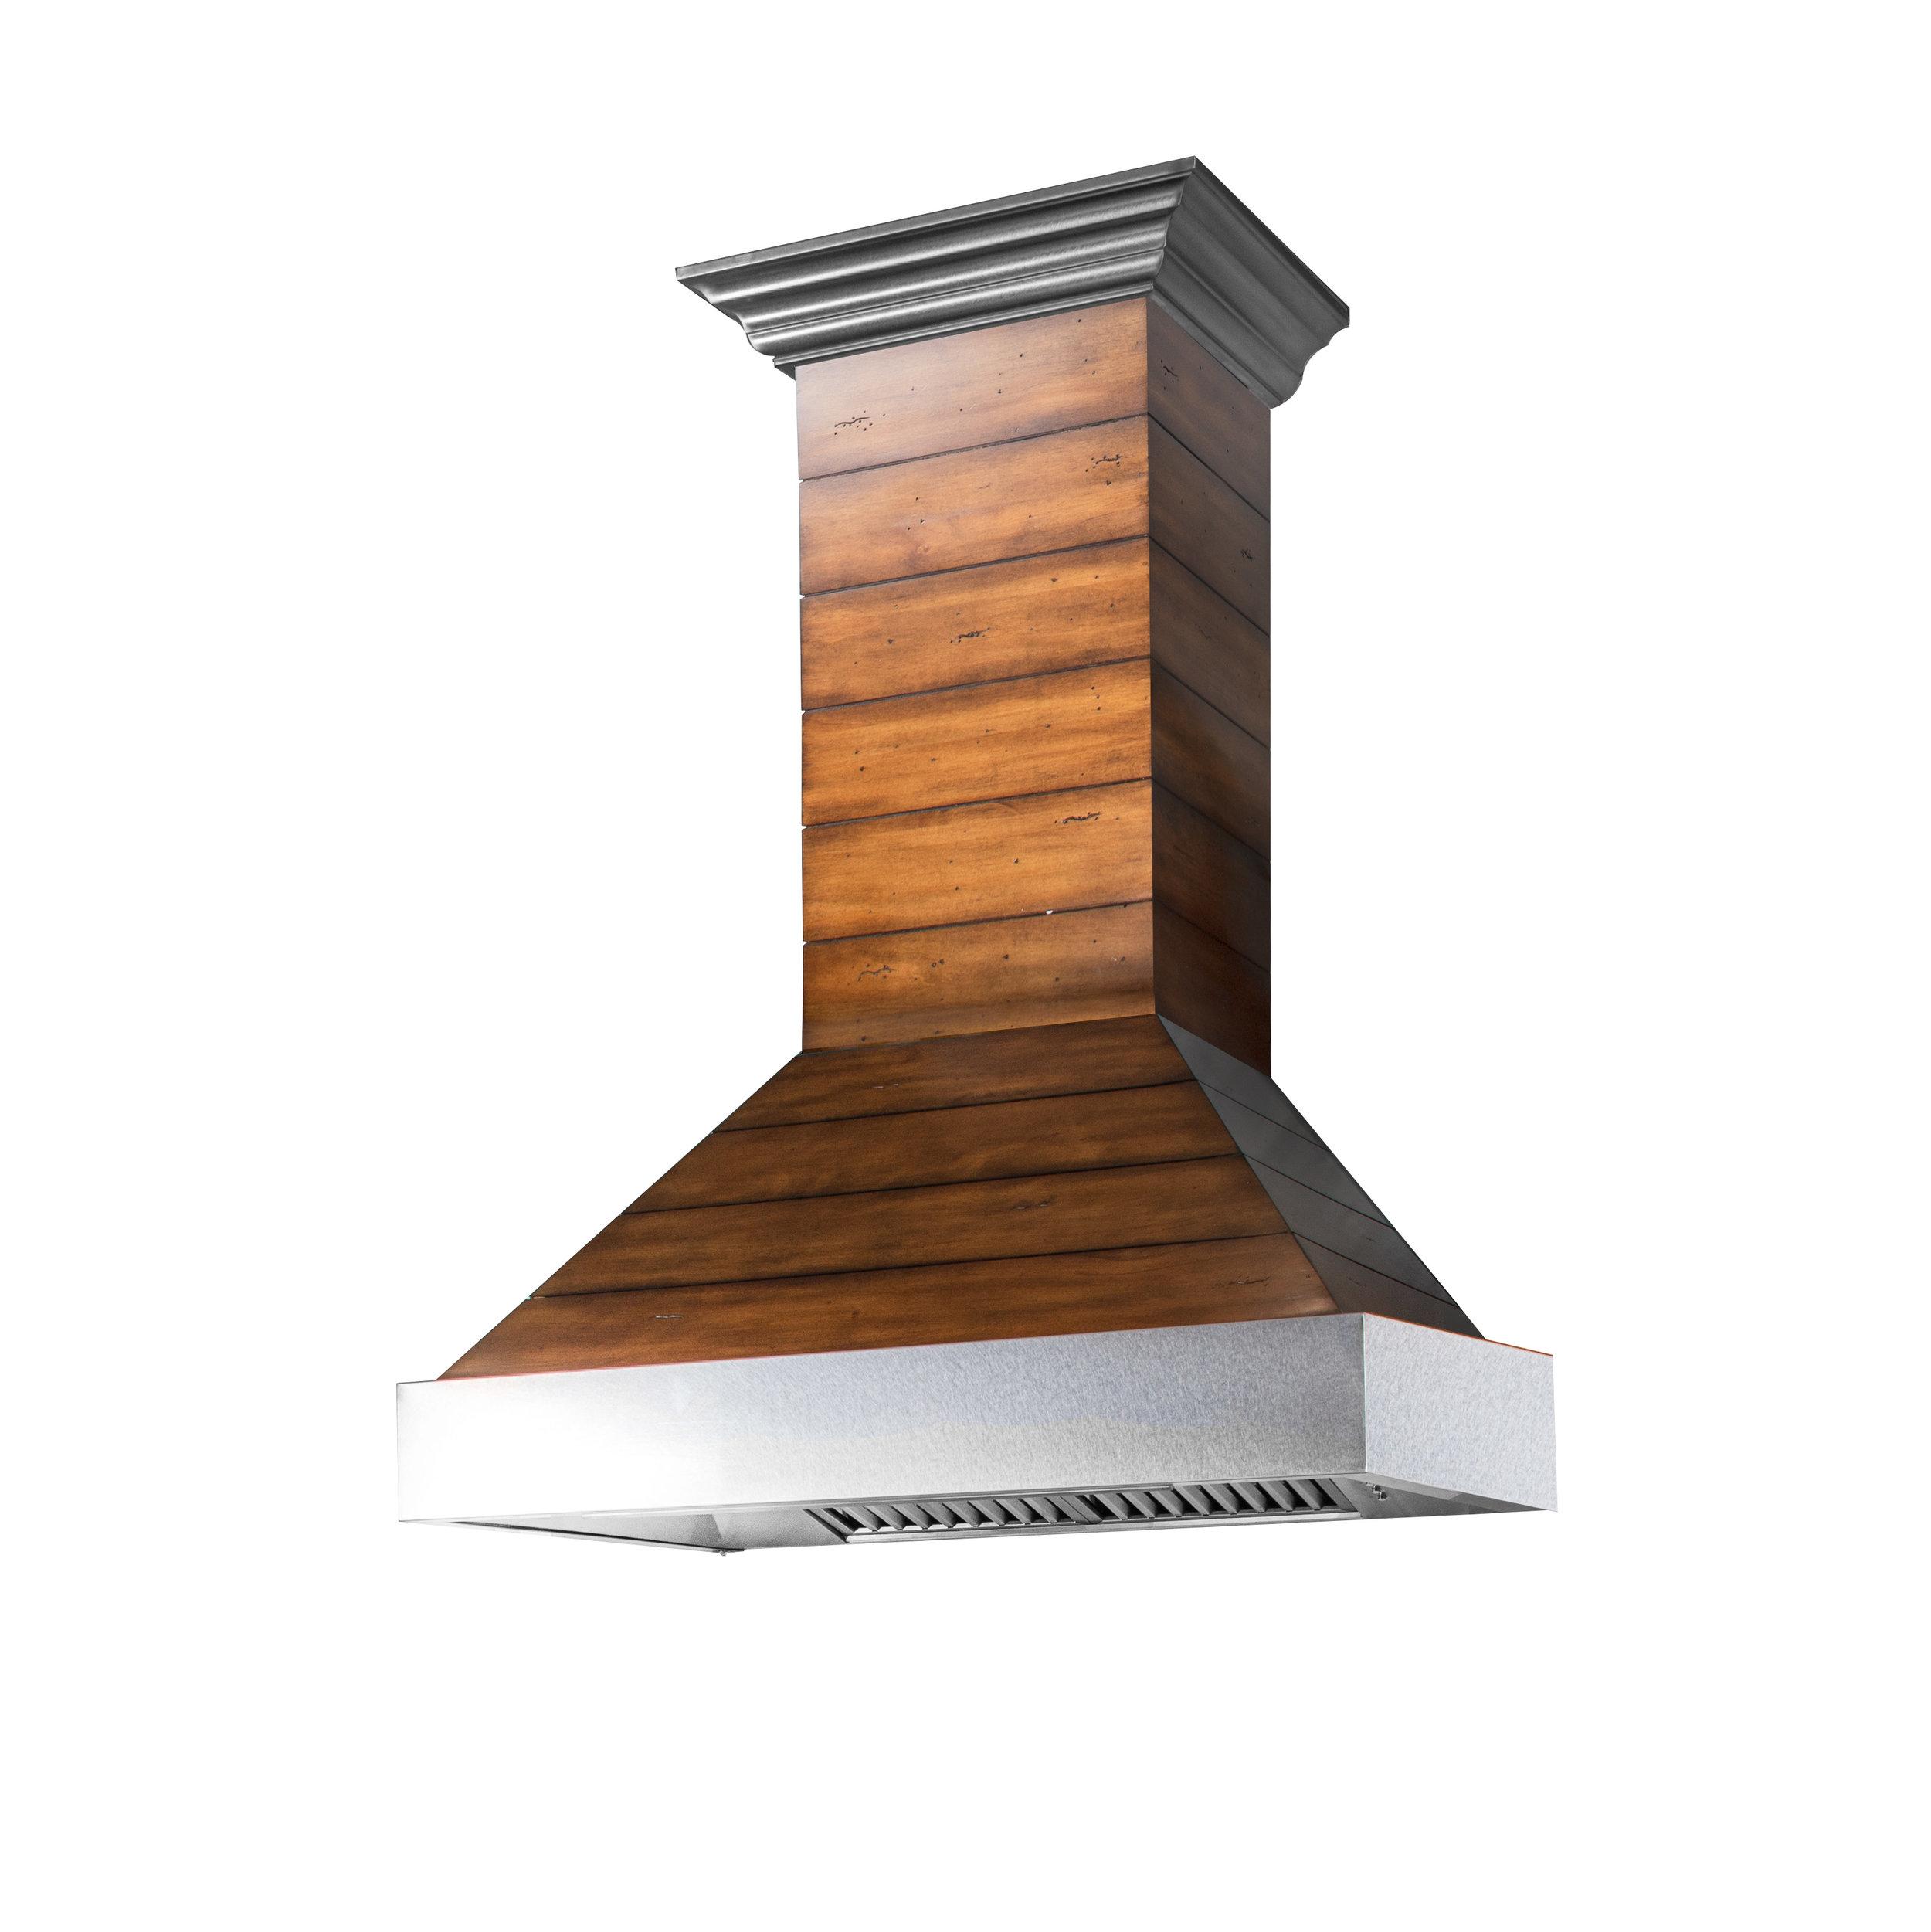 zline-designer-wood-range-hood-365BB-kitchen-main.jpg